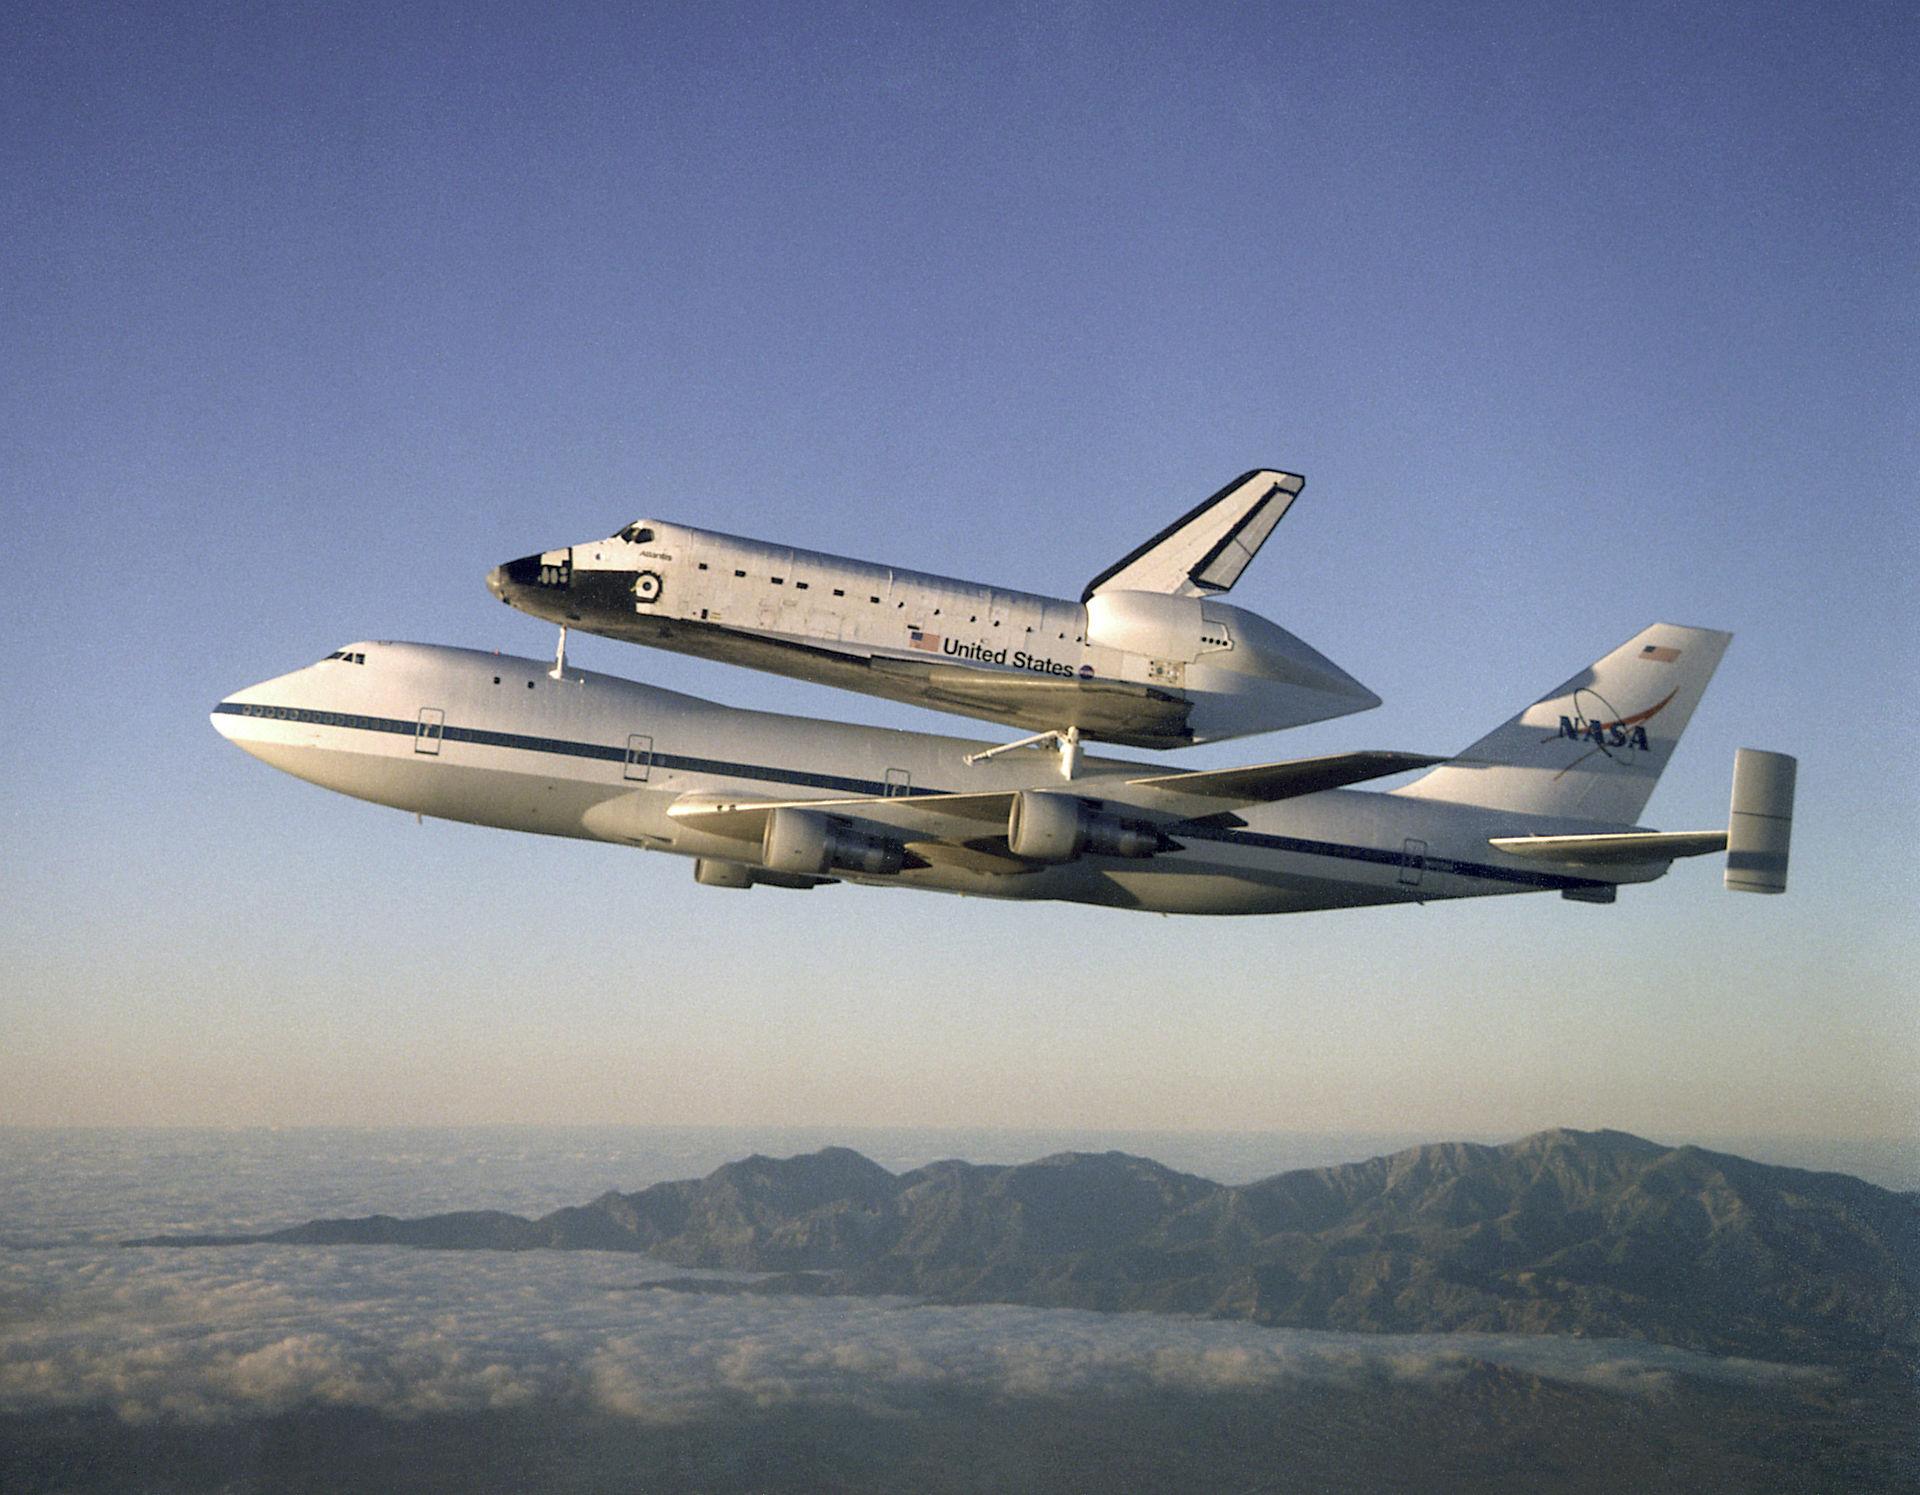 Image: NASA/Carla Thomas